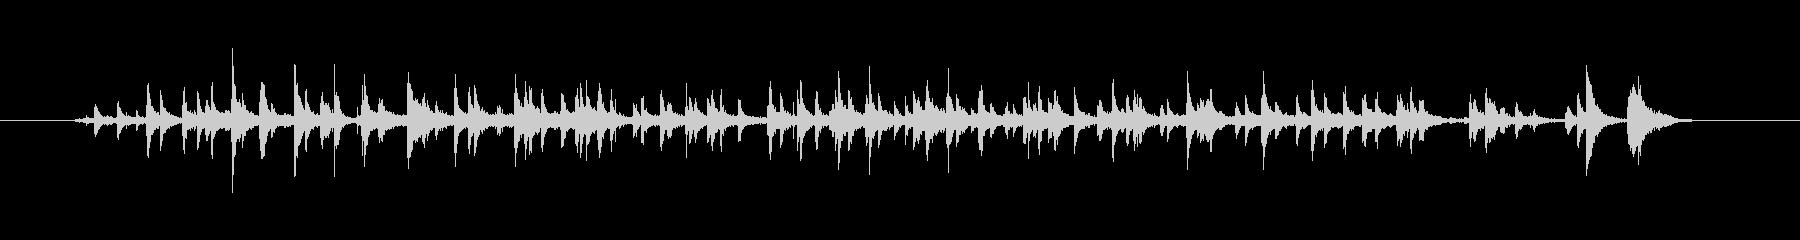 メタル 鎖 ラトルロング01の未再生の波形